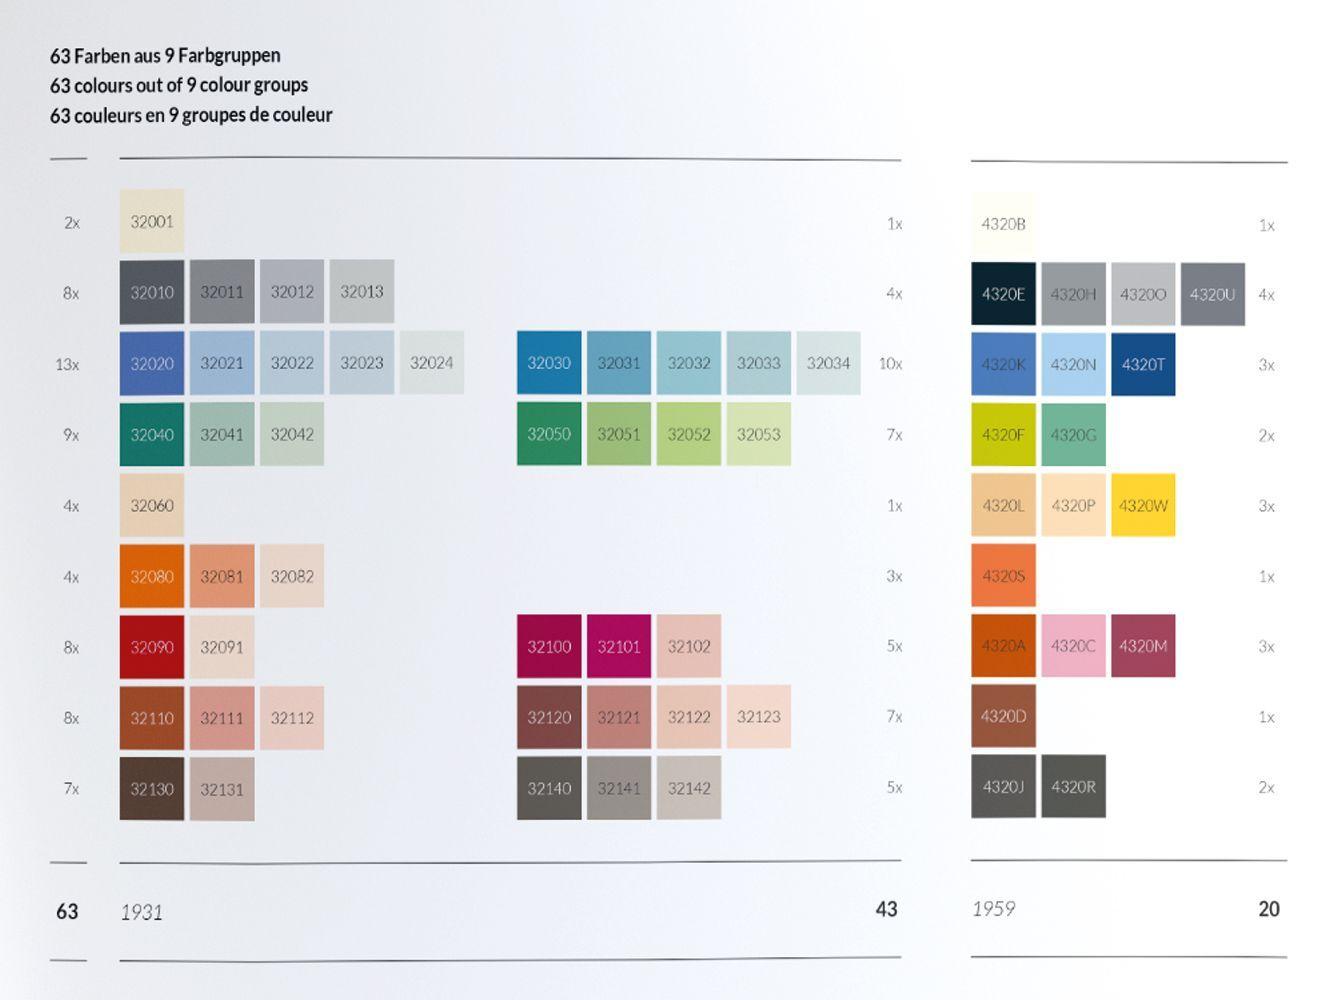 Mit Nur 63 Farben Aus 9 Farbgruppen Bietet Die Polychromie